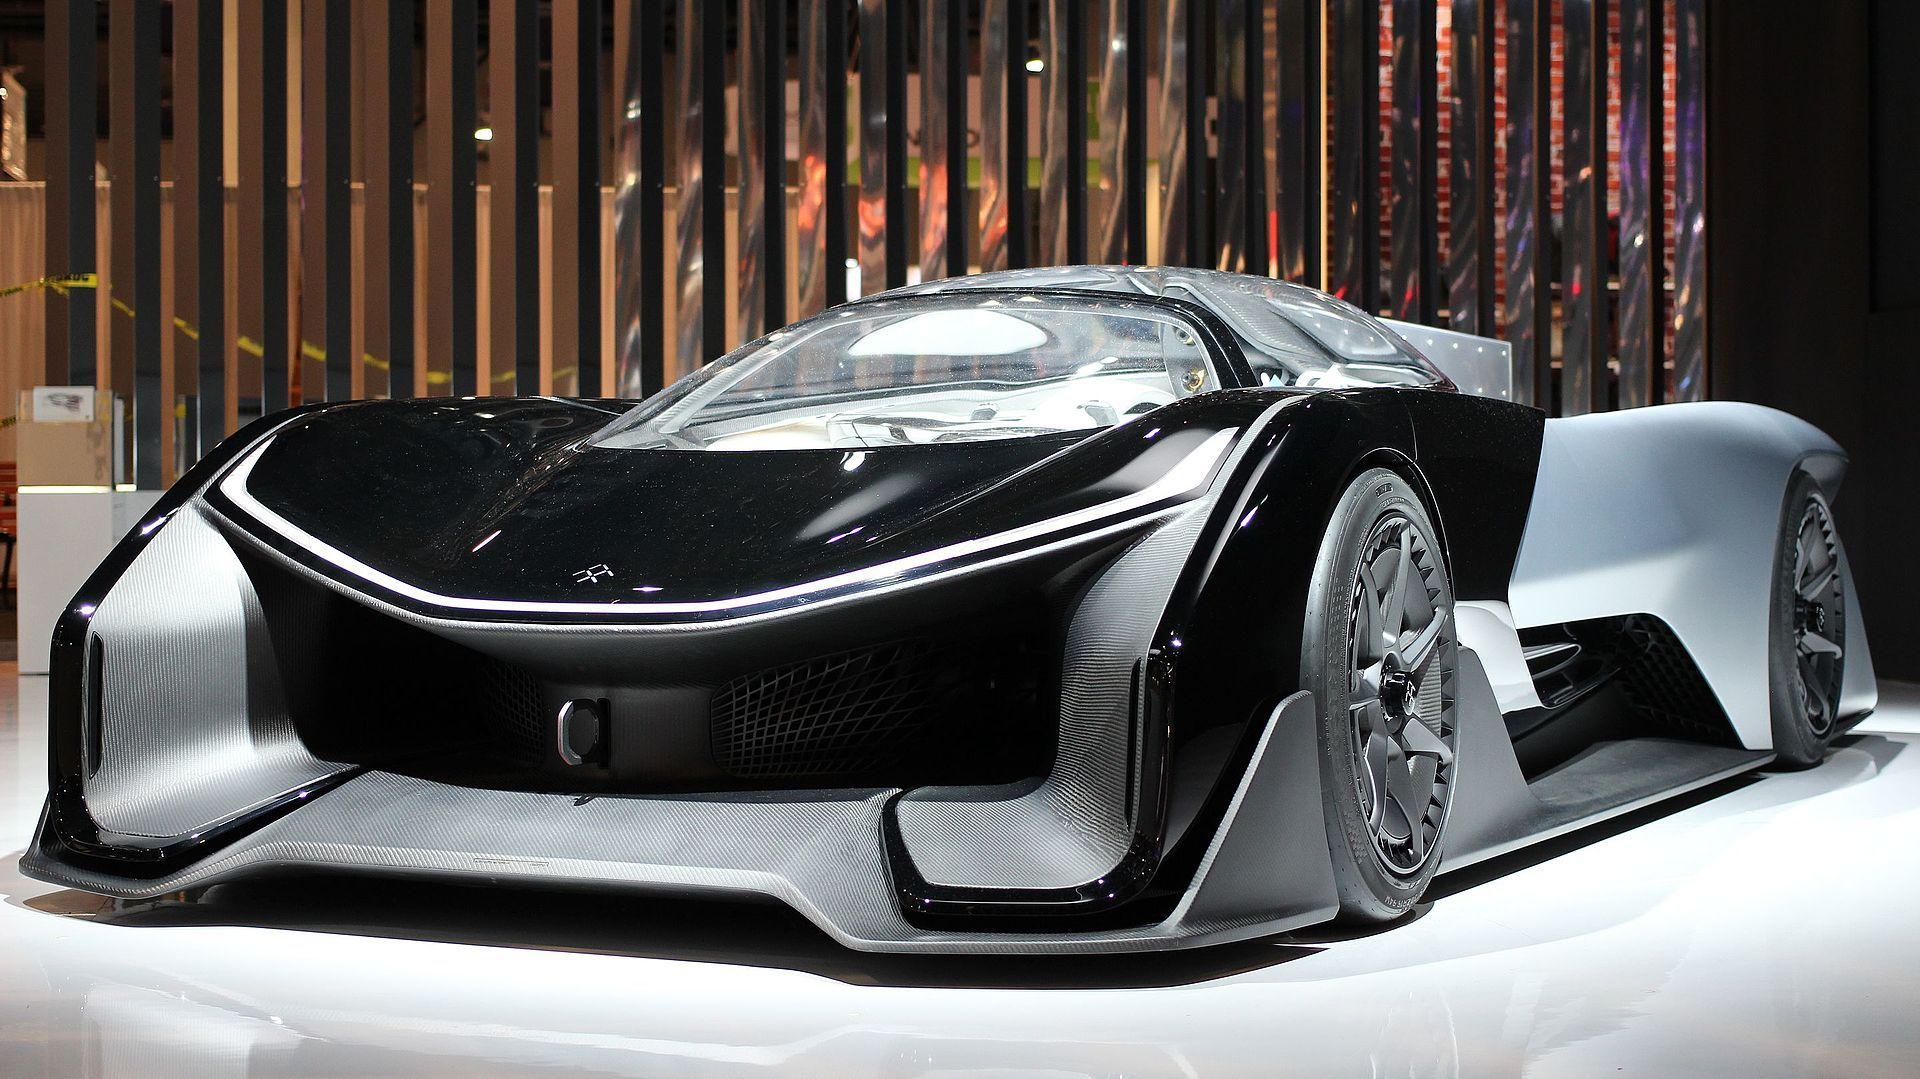 Faraday Future FFZERO1 Concept Prototype (24109531729) - Faraday ...